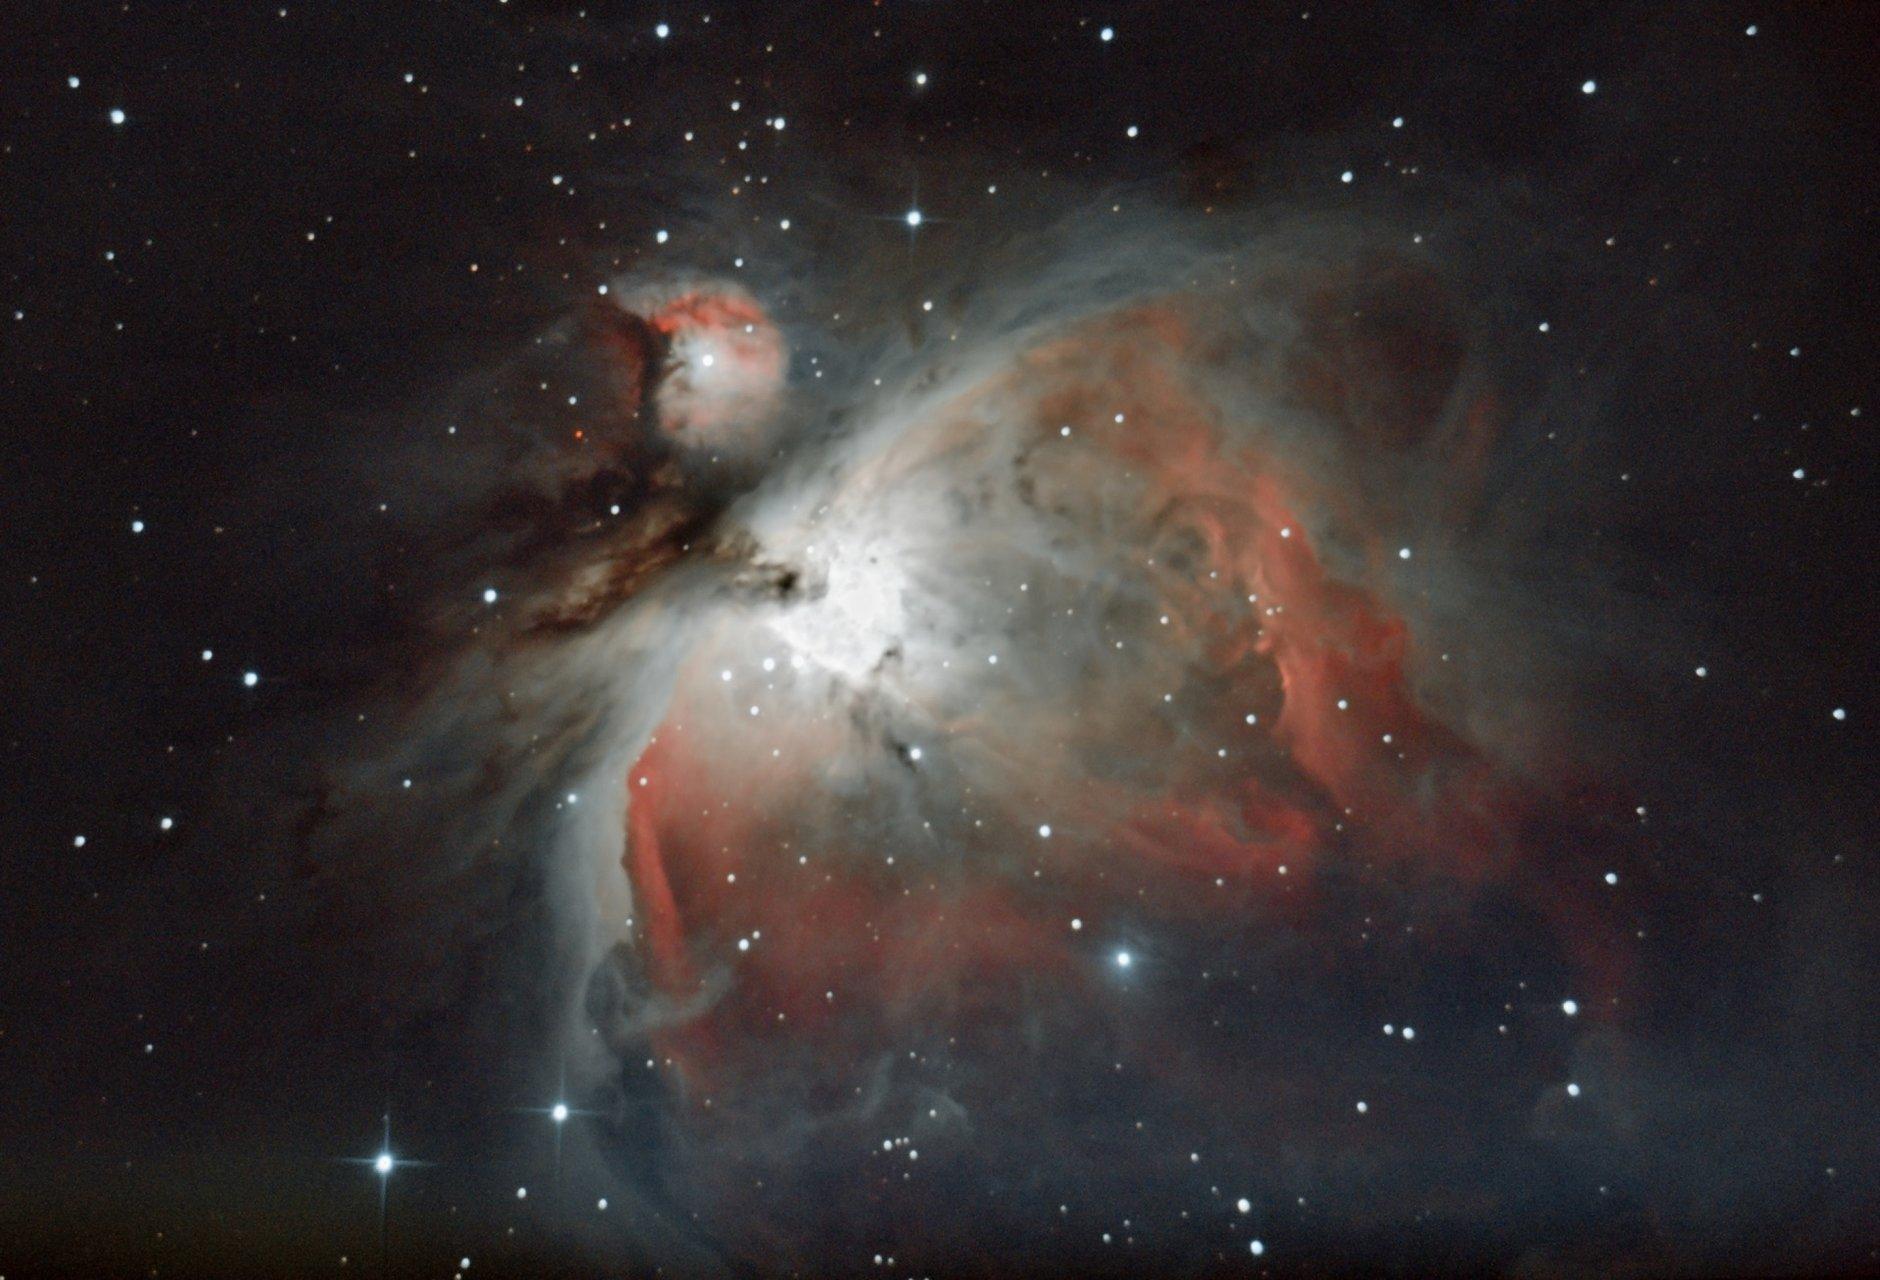 Мъглявината Орион (M42) от Петър Минчев - petar.minchev